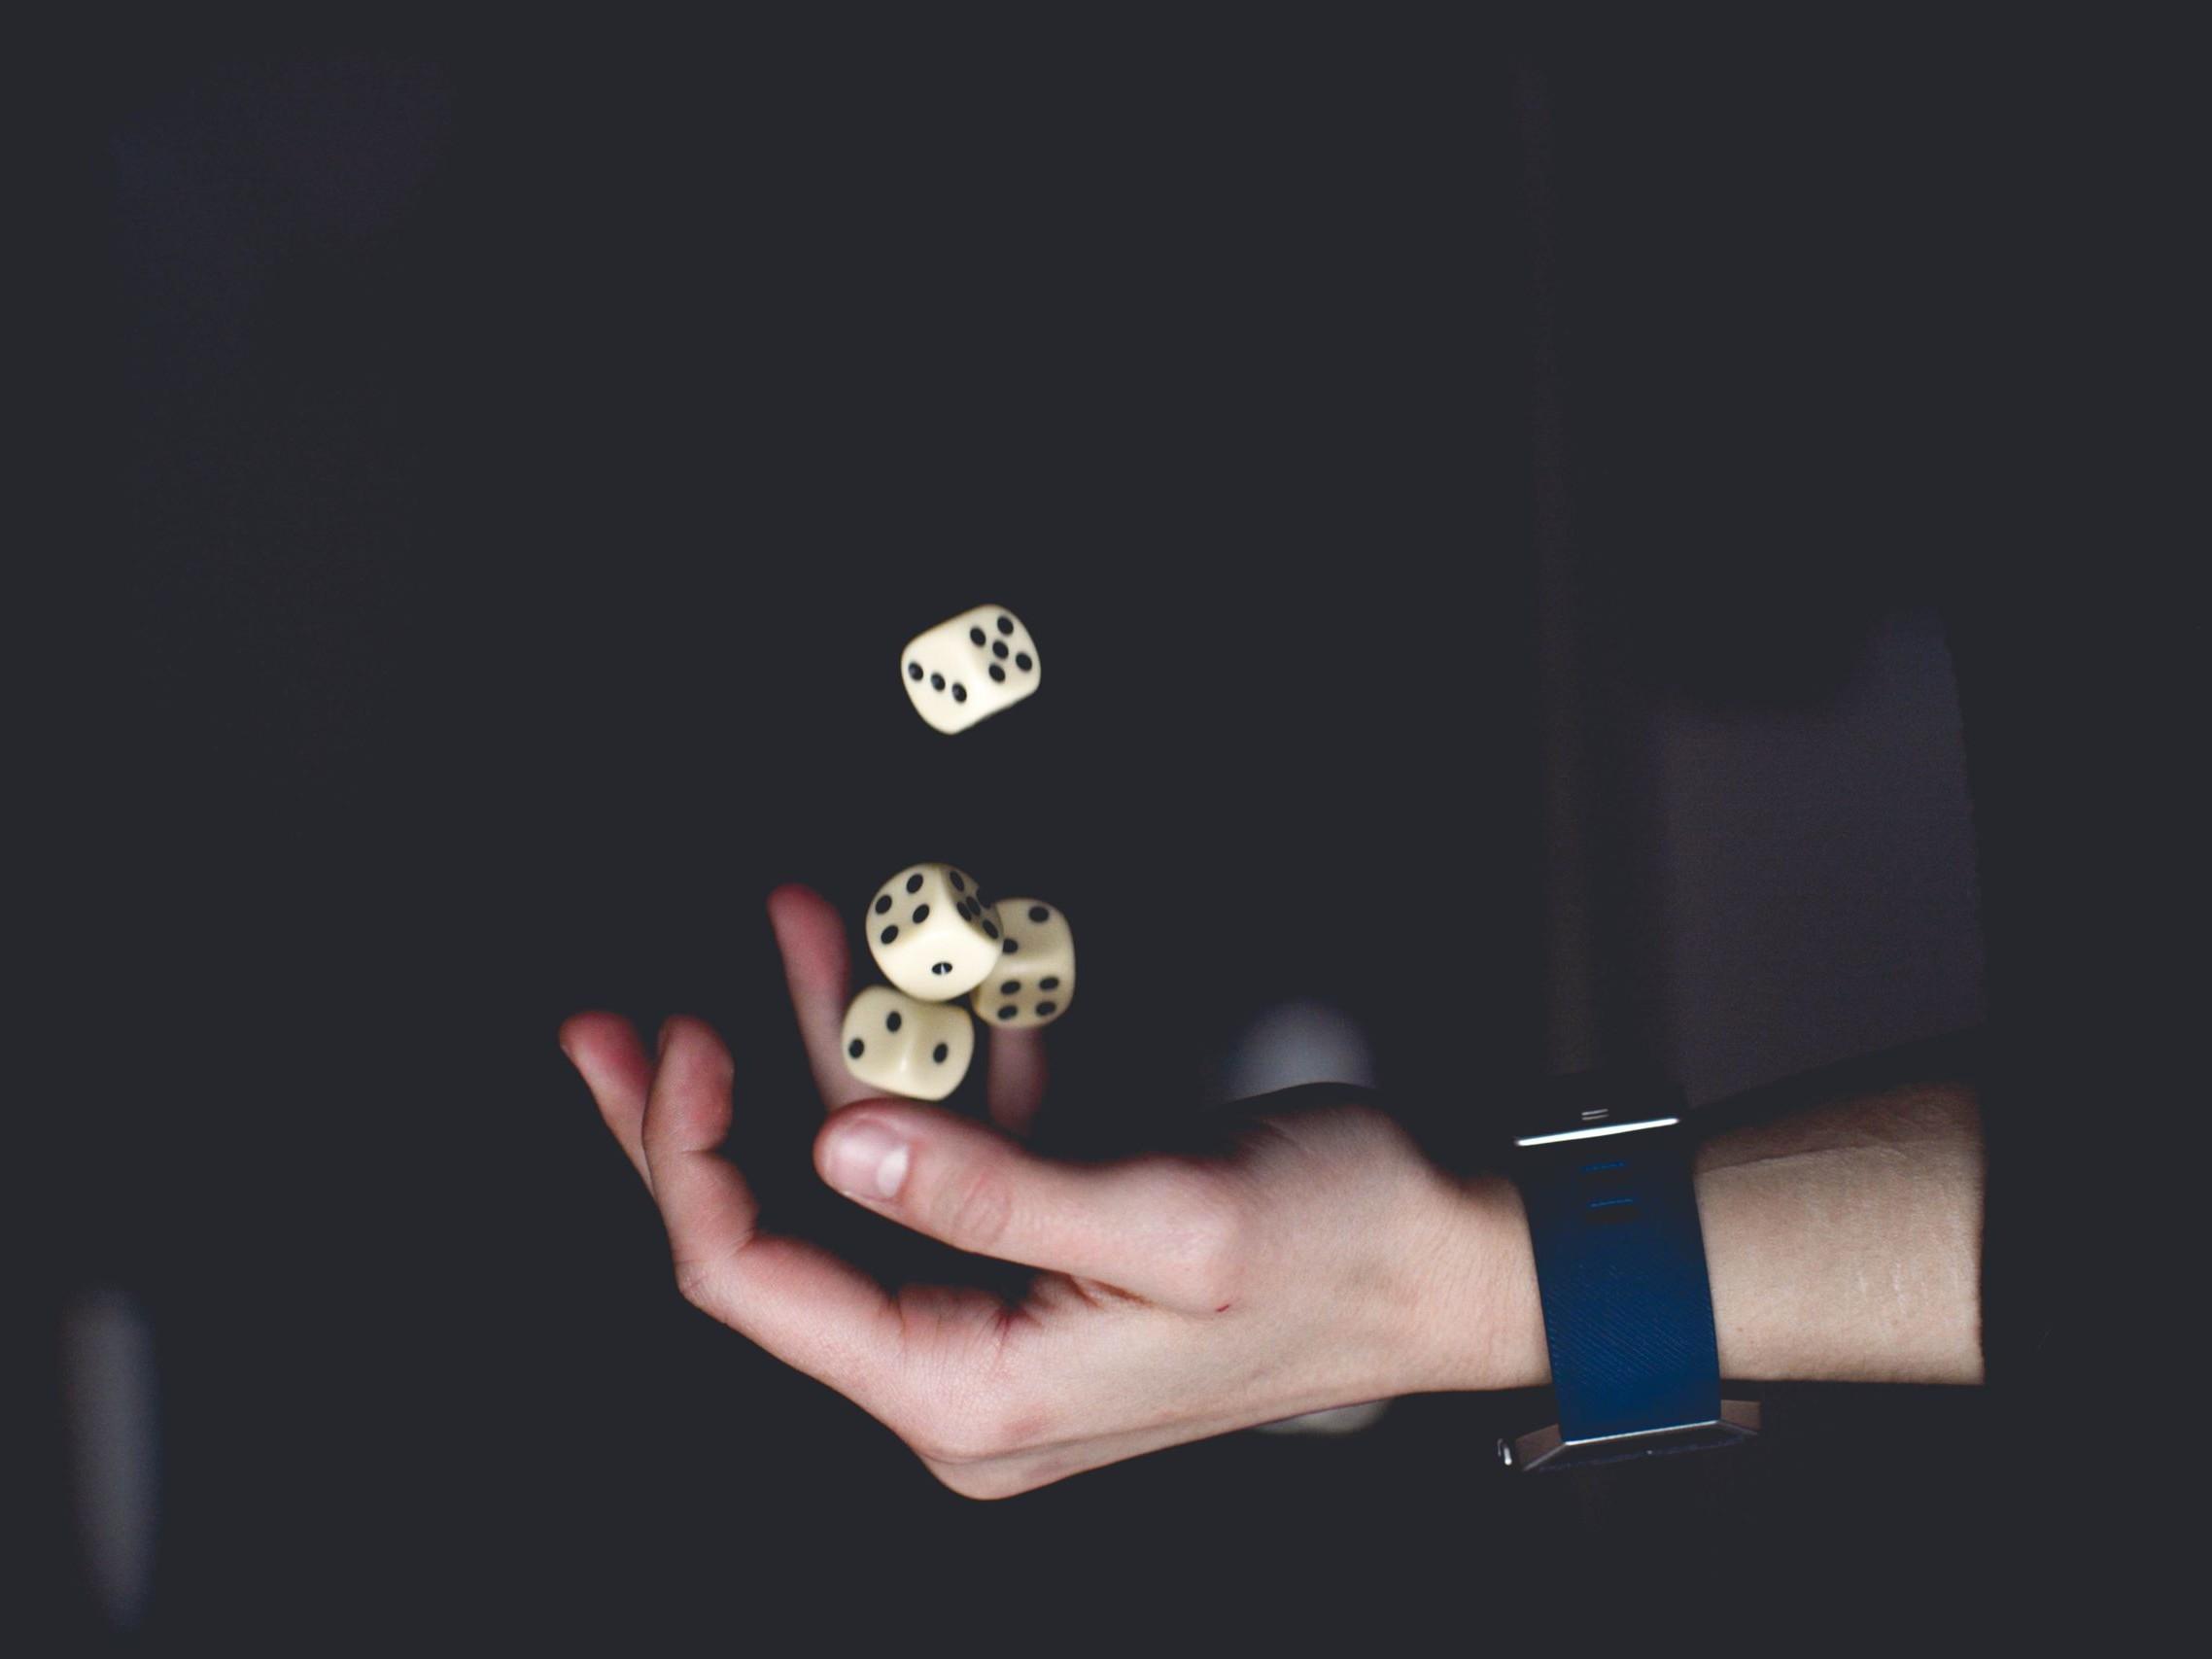 Écrivez vos destinations de rêve sur des petits papiers, mettez-les dans un chapeau et laissez une main innocente choisi